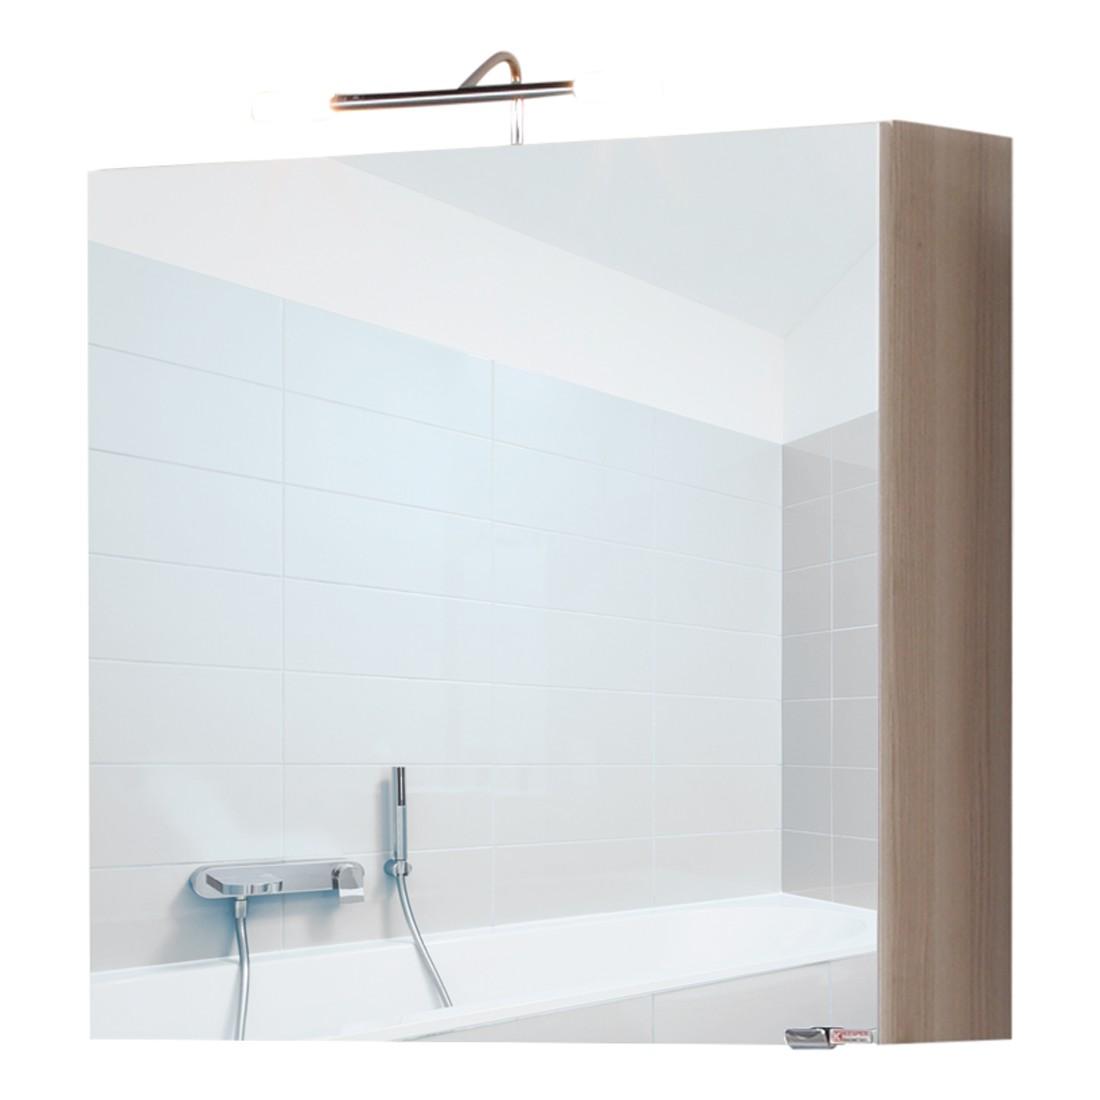 bad spiegelschrank mit beleuchtung bad spiegelschrank mit beleuchtung haus ideen bad. Black Bedroom Furniture Sets. Home Design Ideas